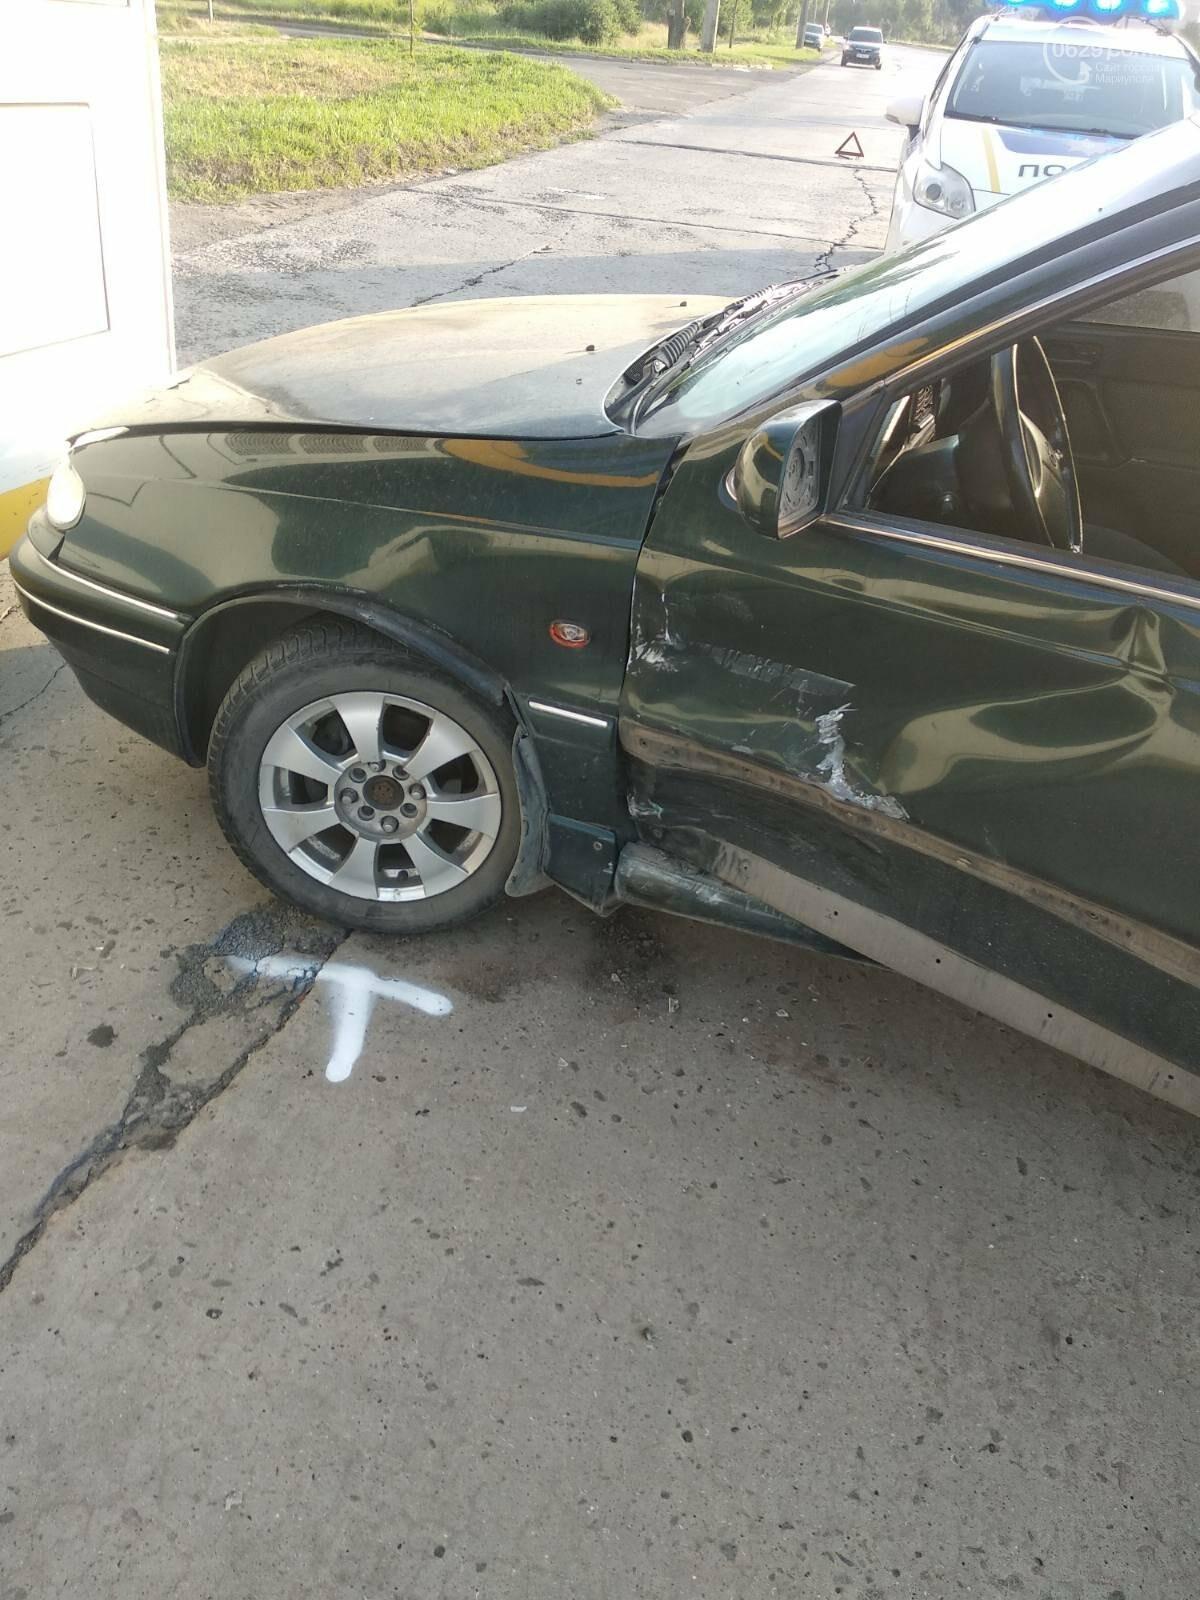 В Мариуполе Daewoo влетел в трамвай. Водитель легковушки серьезно пострадал, - ФОТО, фото-18